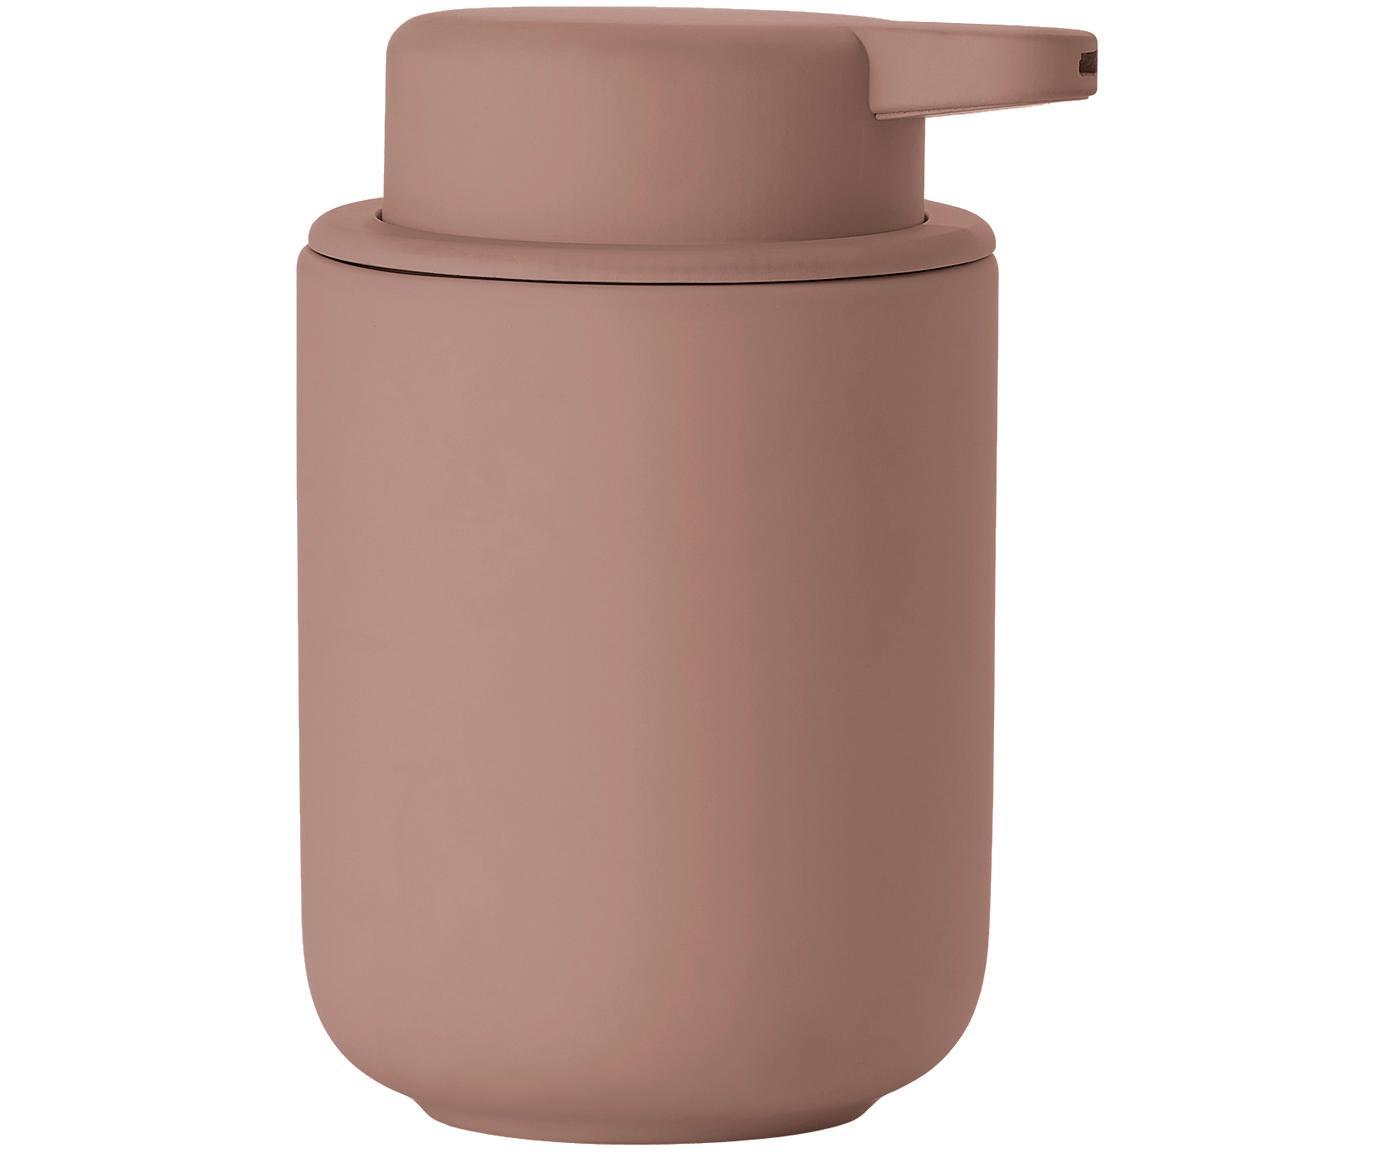 Dosificador de jabón Ume, Recipiente: gres revestido con superf, Dosificador: plástico, Rosa palo, mate, Ø 8 x Al 13 cm